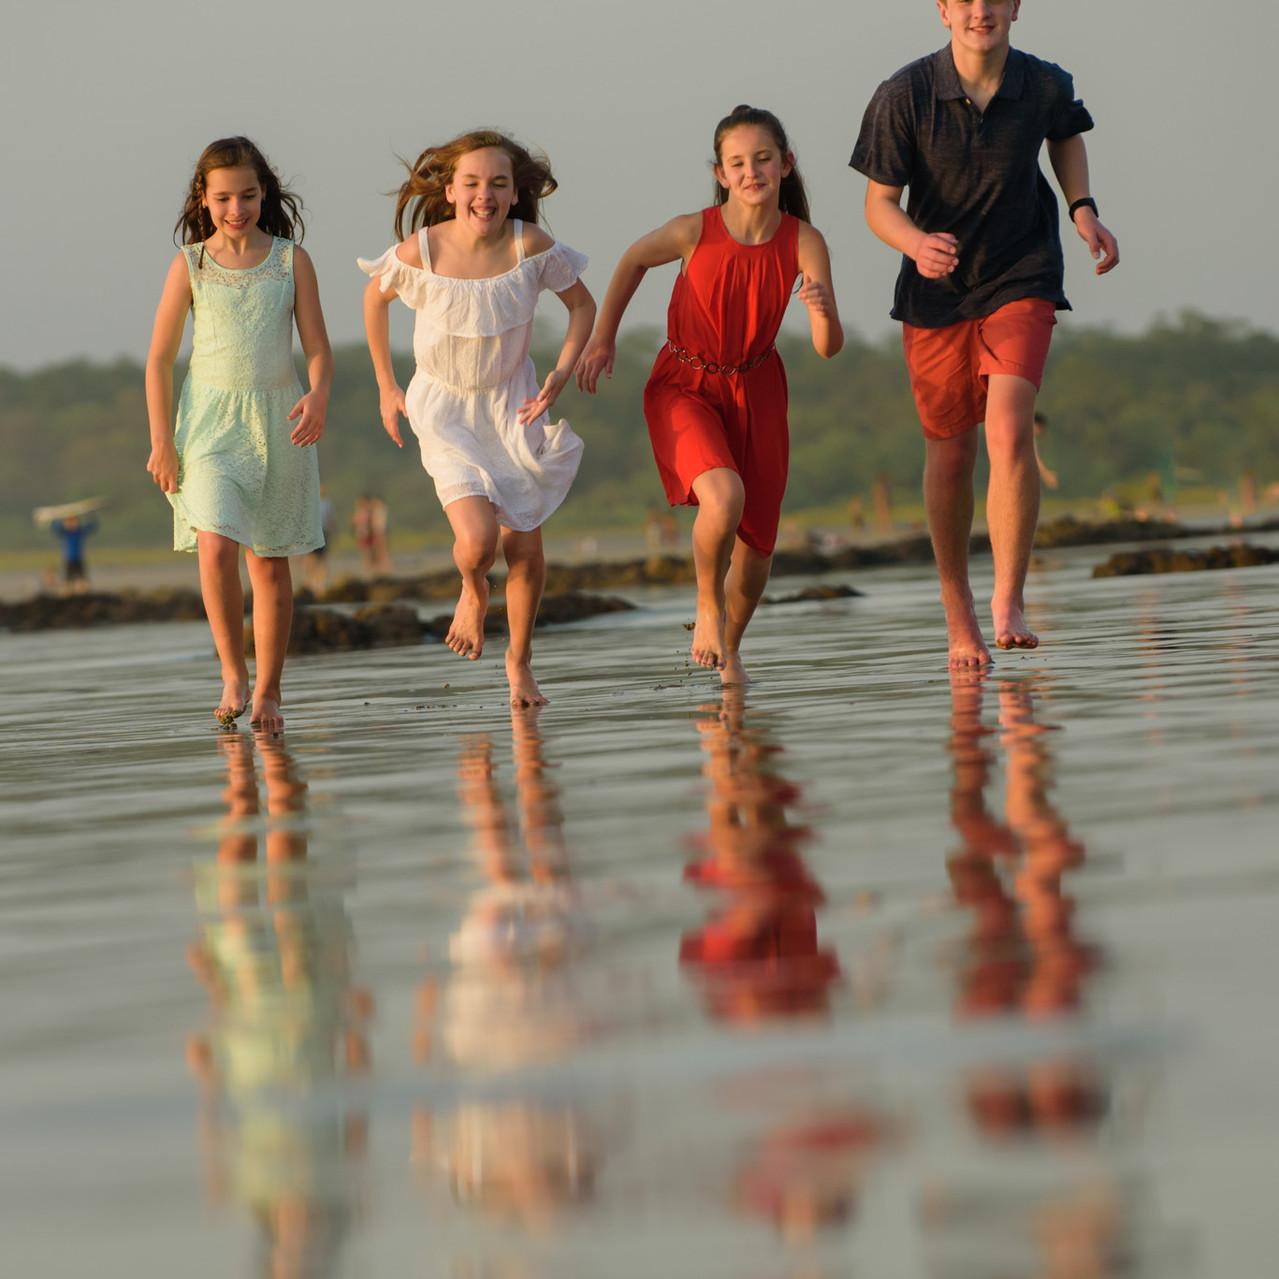 Racing across the sand at Tamarindo Diria